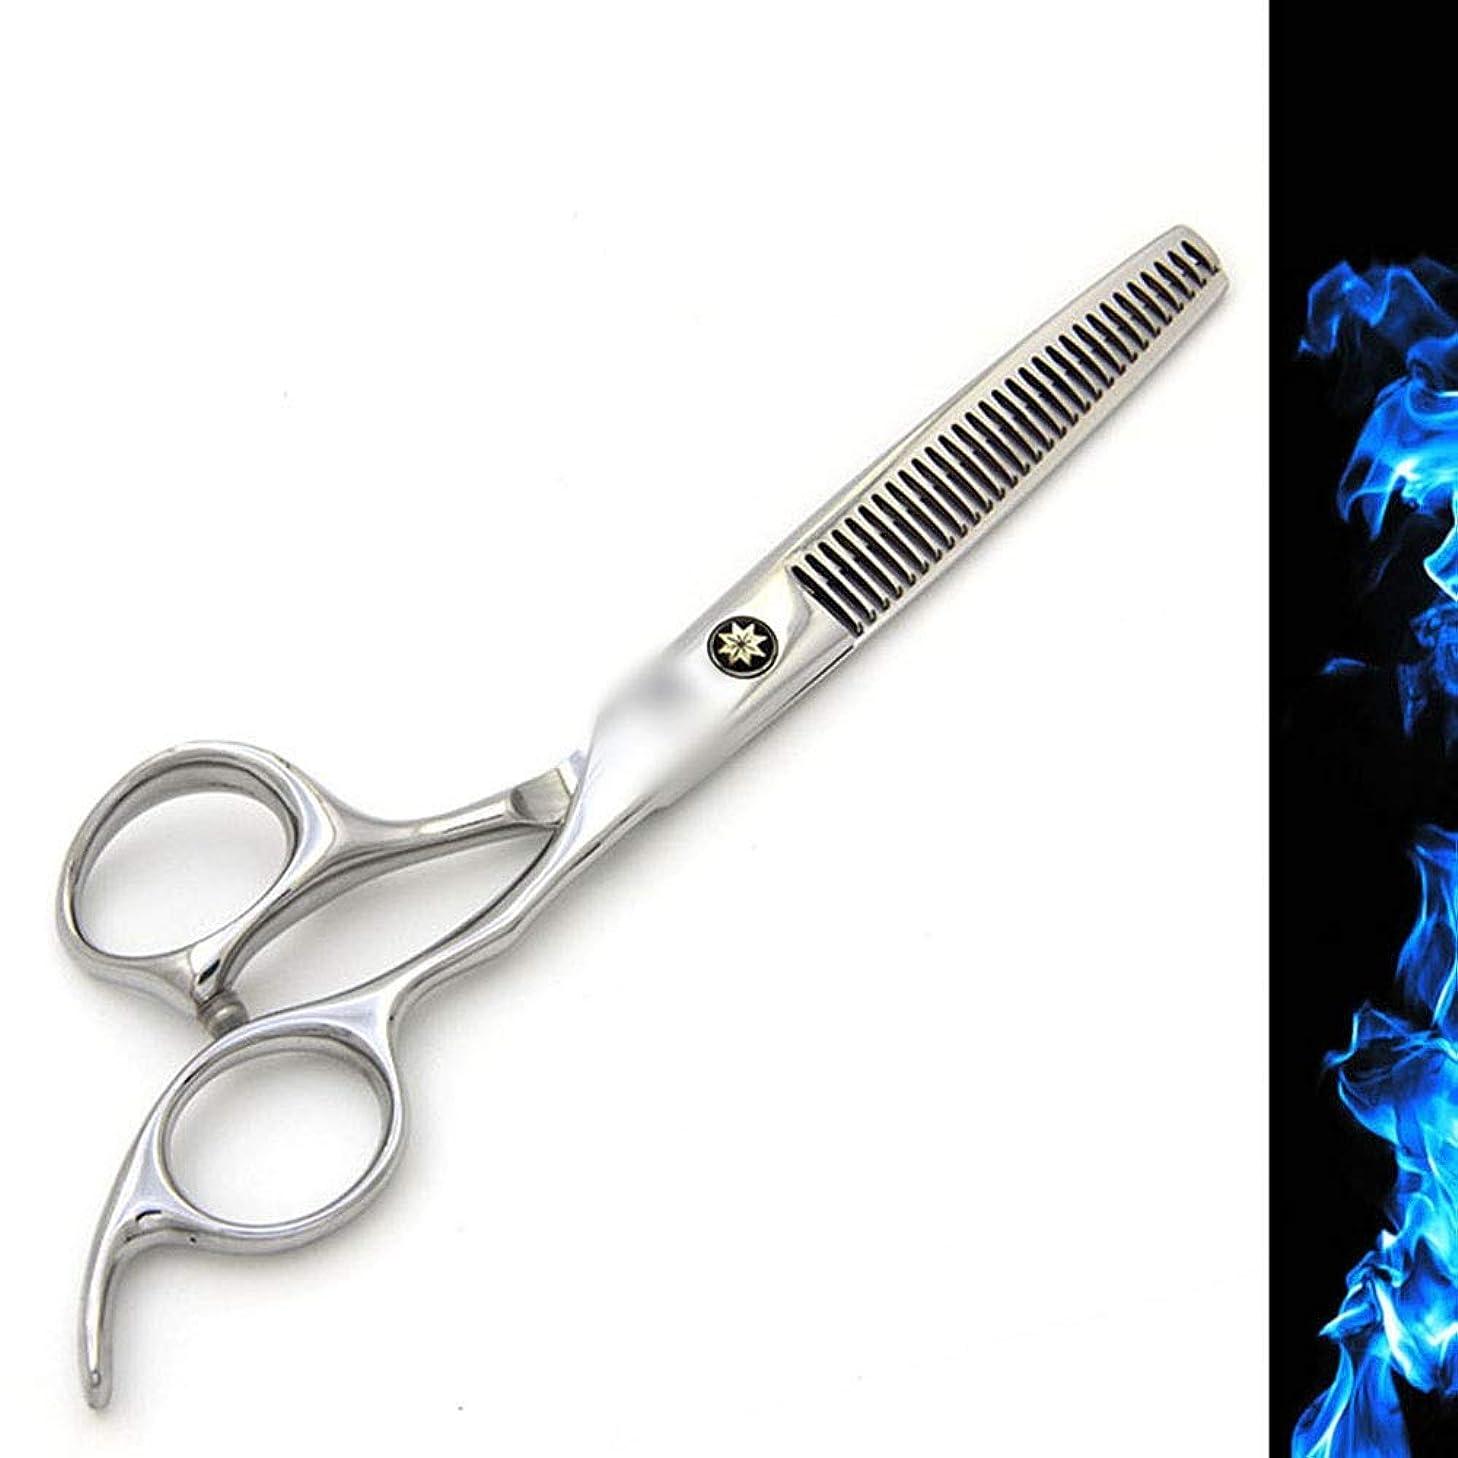 ミルク資本主義正当化する6インチ美容院プロフェッショナル理髪セット、理髪はさみフラット+歯せん断高品位本物のセット モデリングツール (色 : Silver)